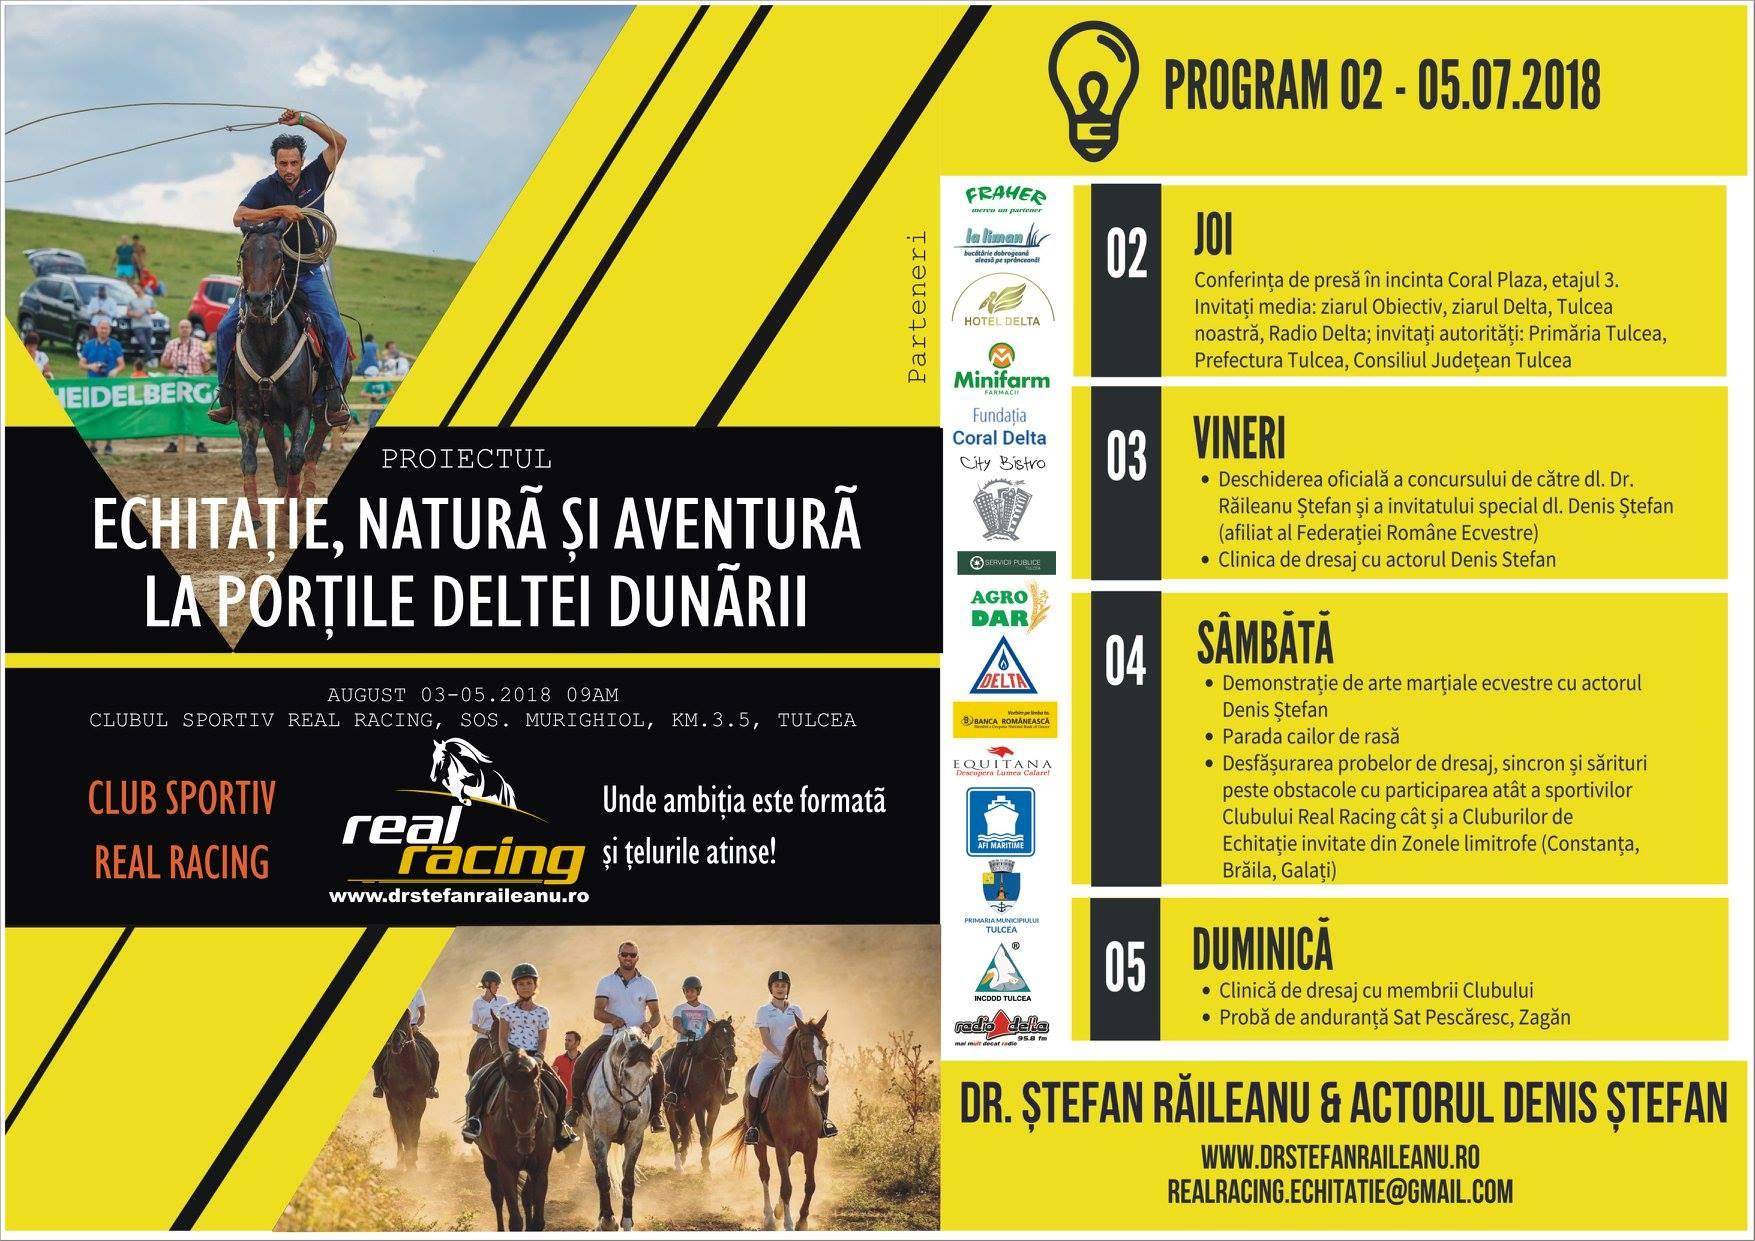 Proiectul Echitație, Natură și Aventură la Porțile Deltei Dunării